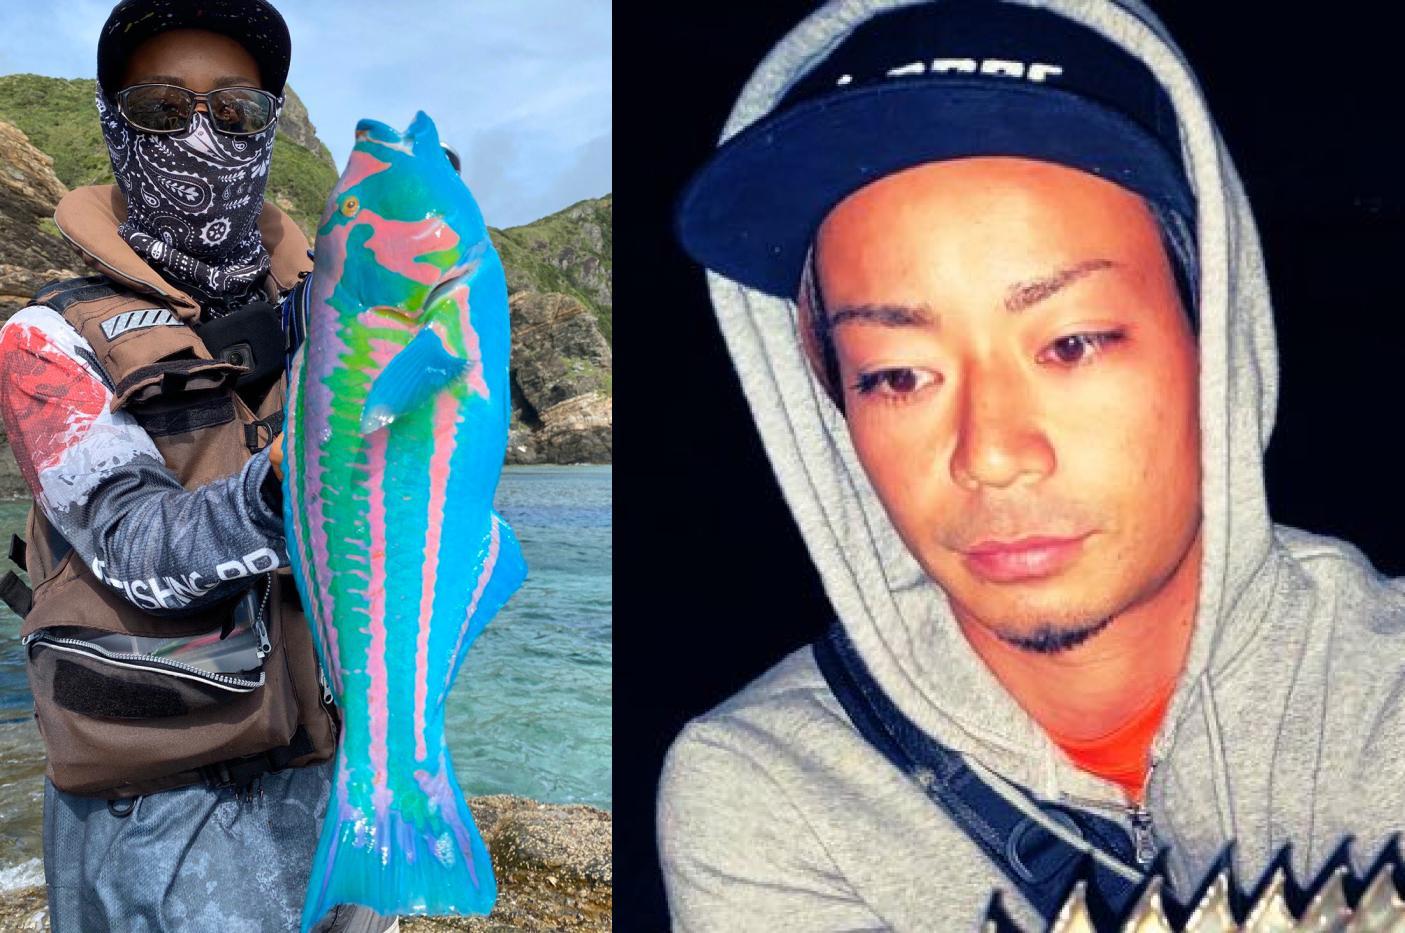 """967755610562.209 - Парень поймал настолько красивую рыбу, что в Сети ему не поверили и решили, что это кадр из """"Аватара"""""""